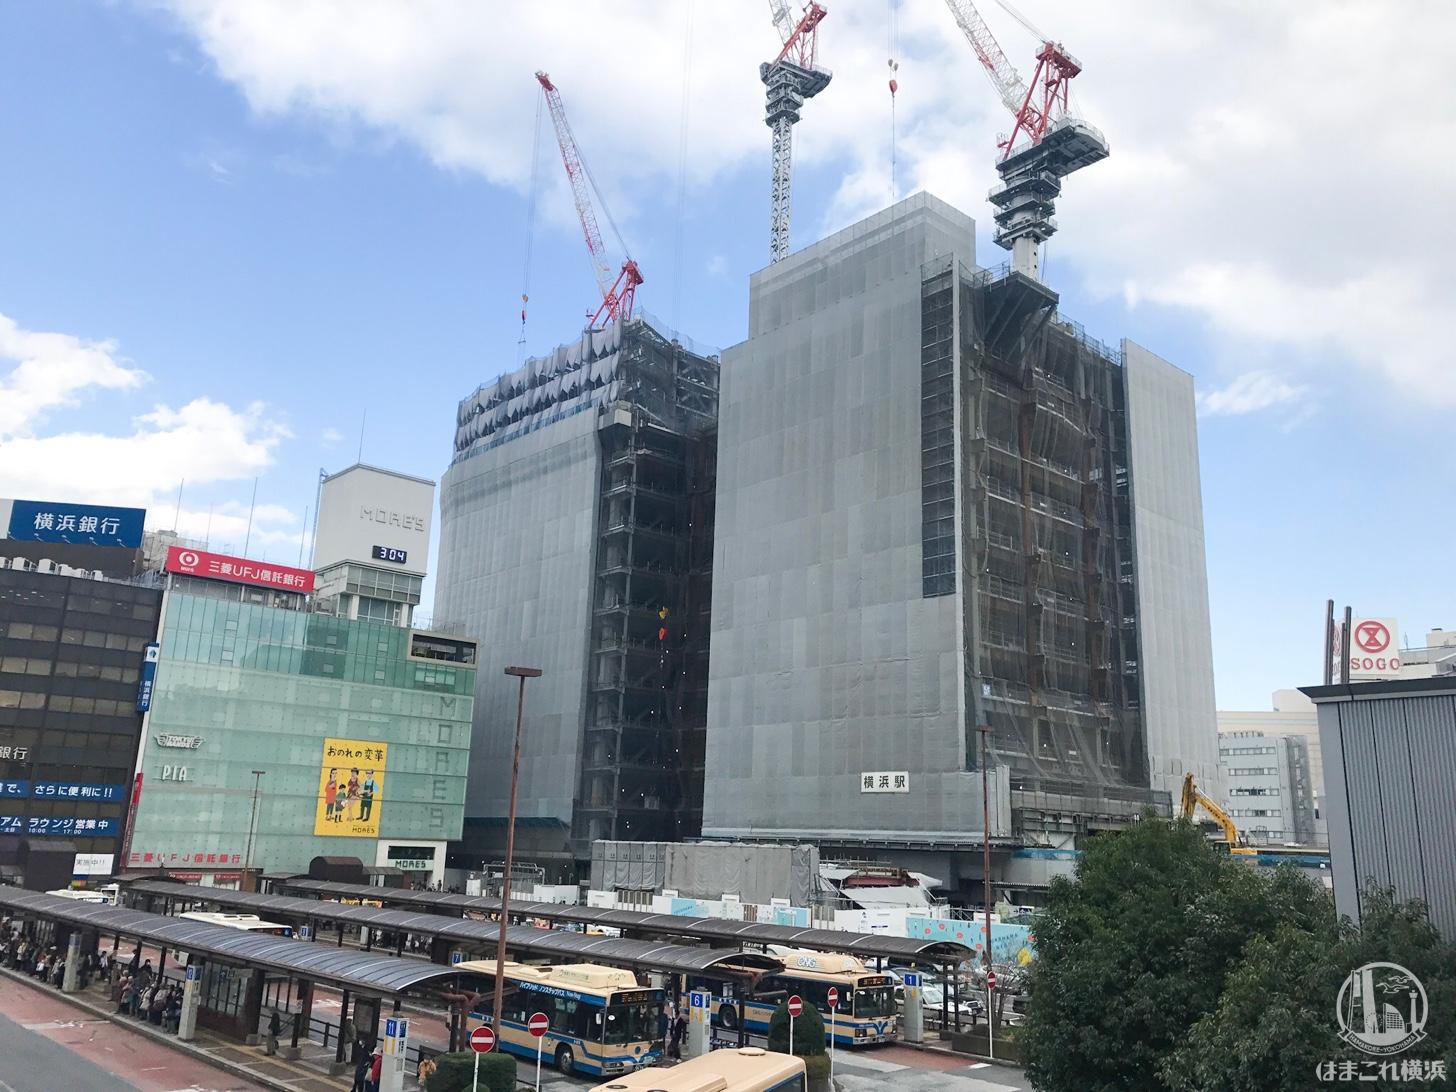 2018年3月 横浜駅西口 駅ビル完成までの様子 [写真掲載]